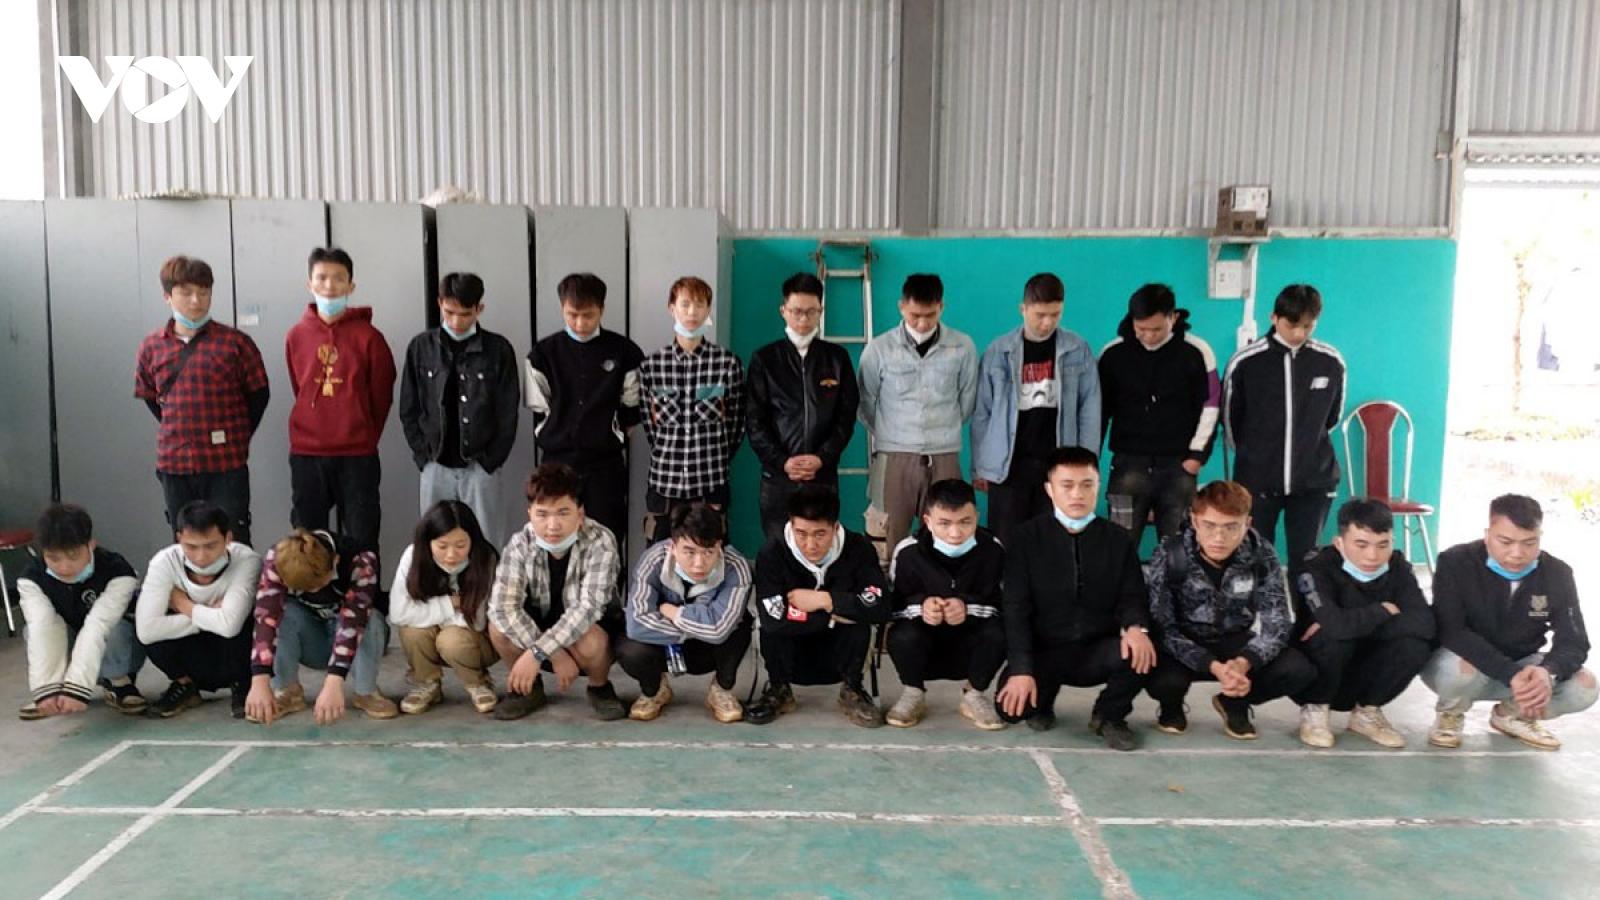 Tạm giữ chủ nhà nghỉ cho 22 người Trung Quốc nhập cảnh trái phép lưu trú